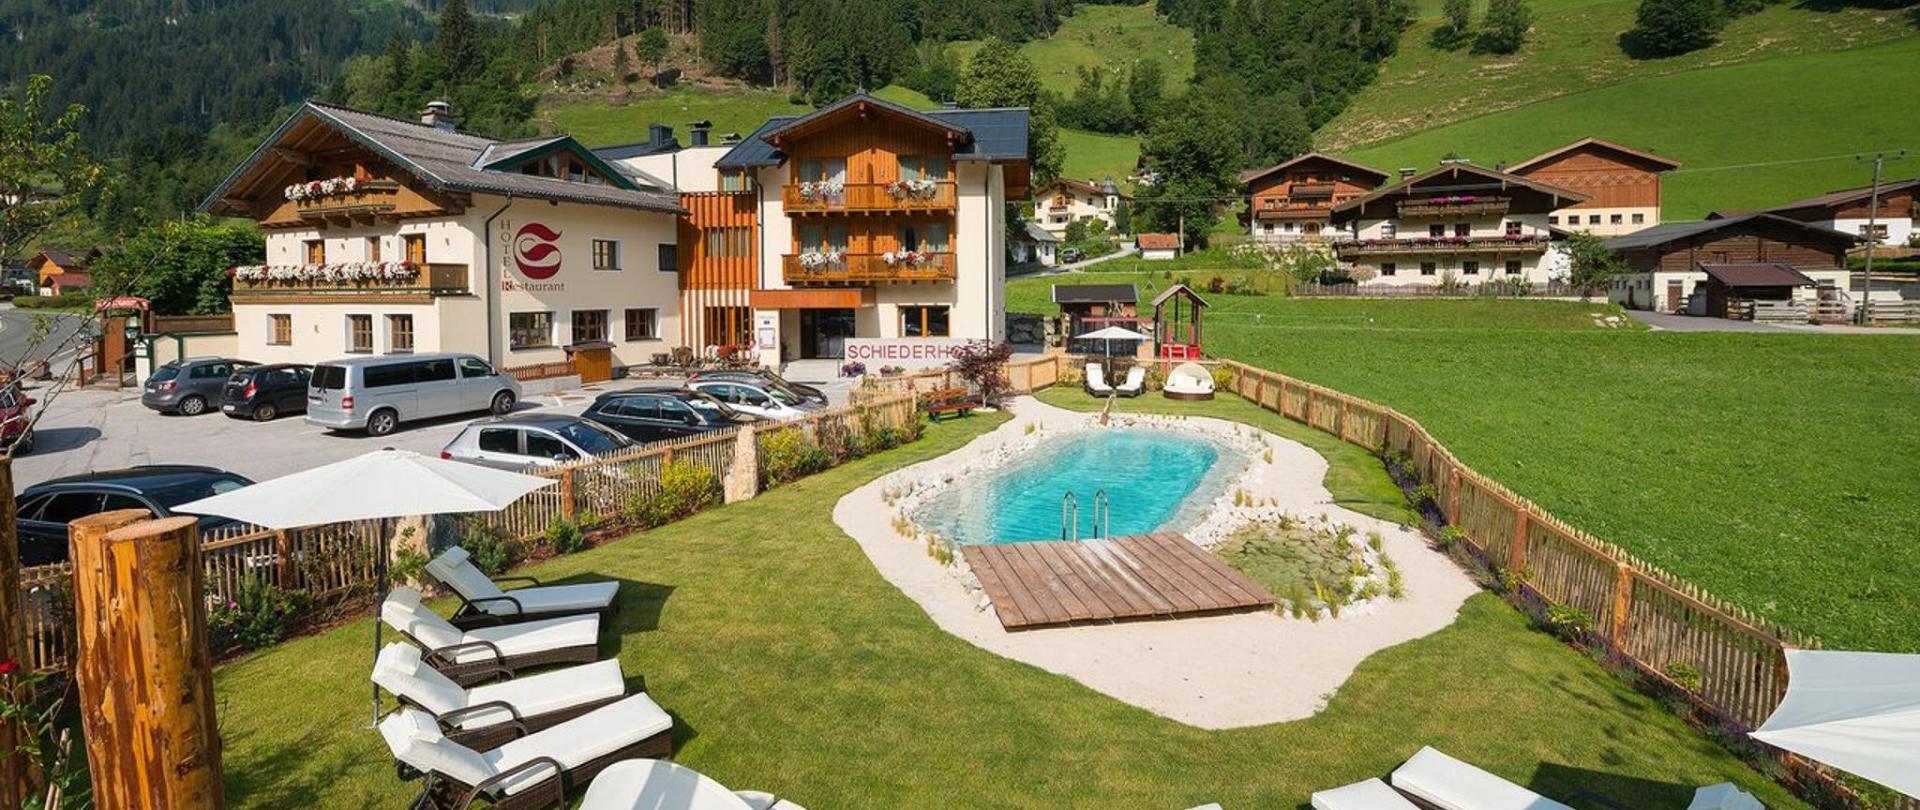 Hotel Schiederhof